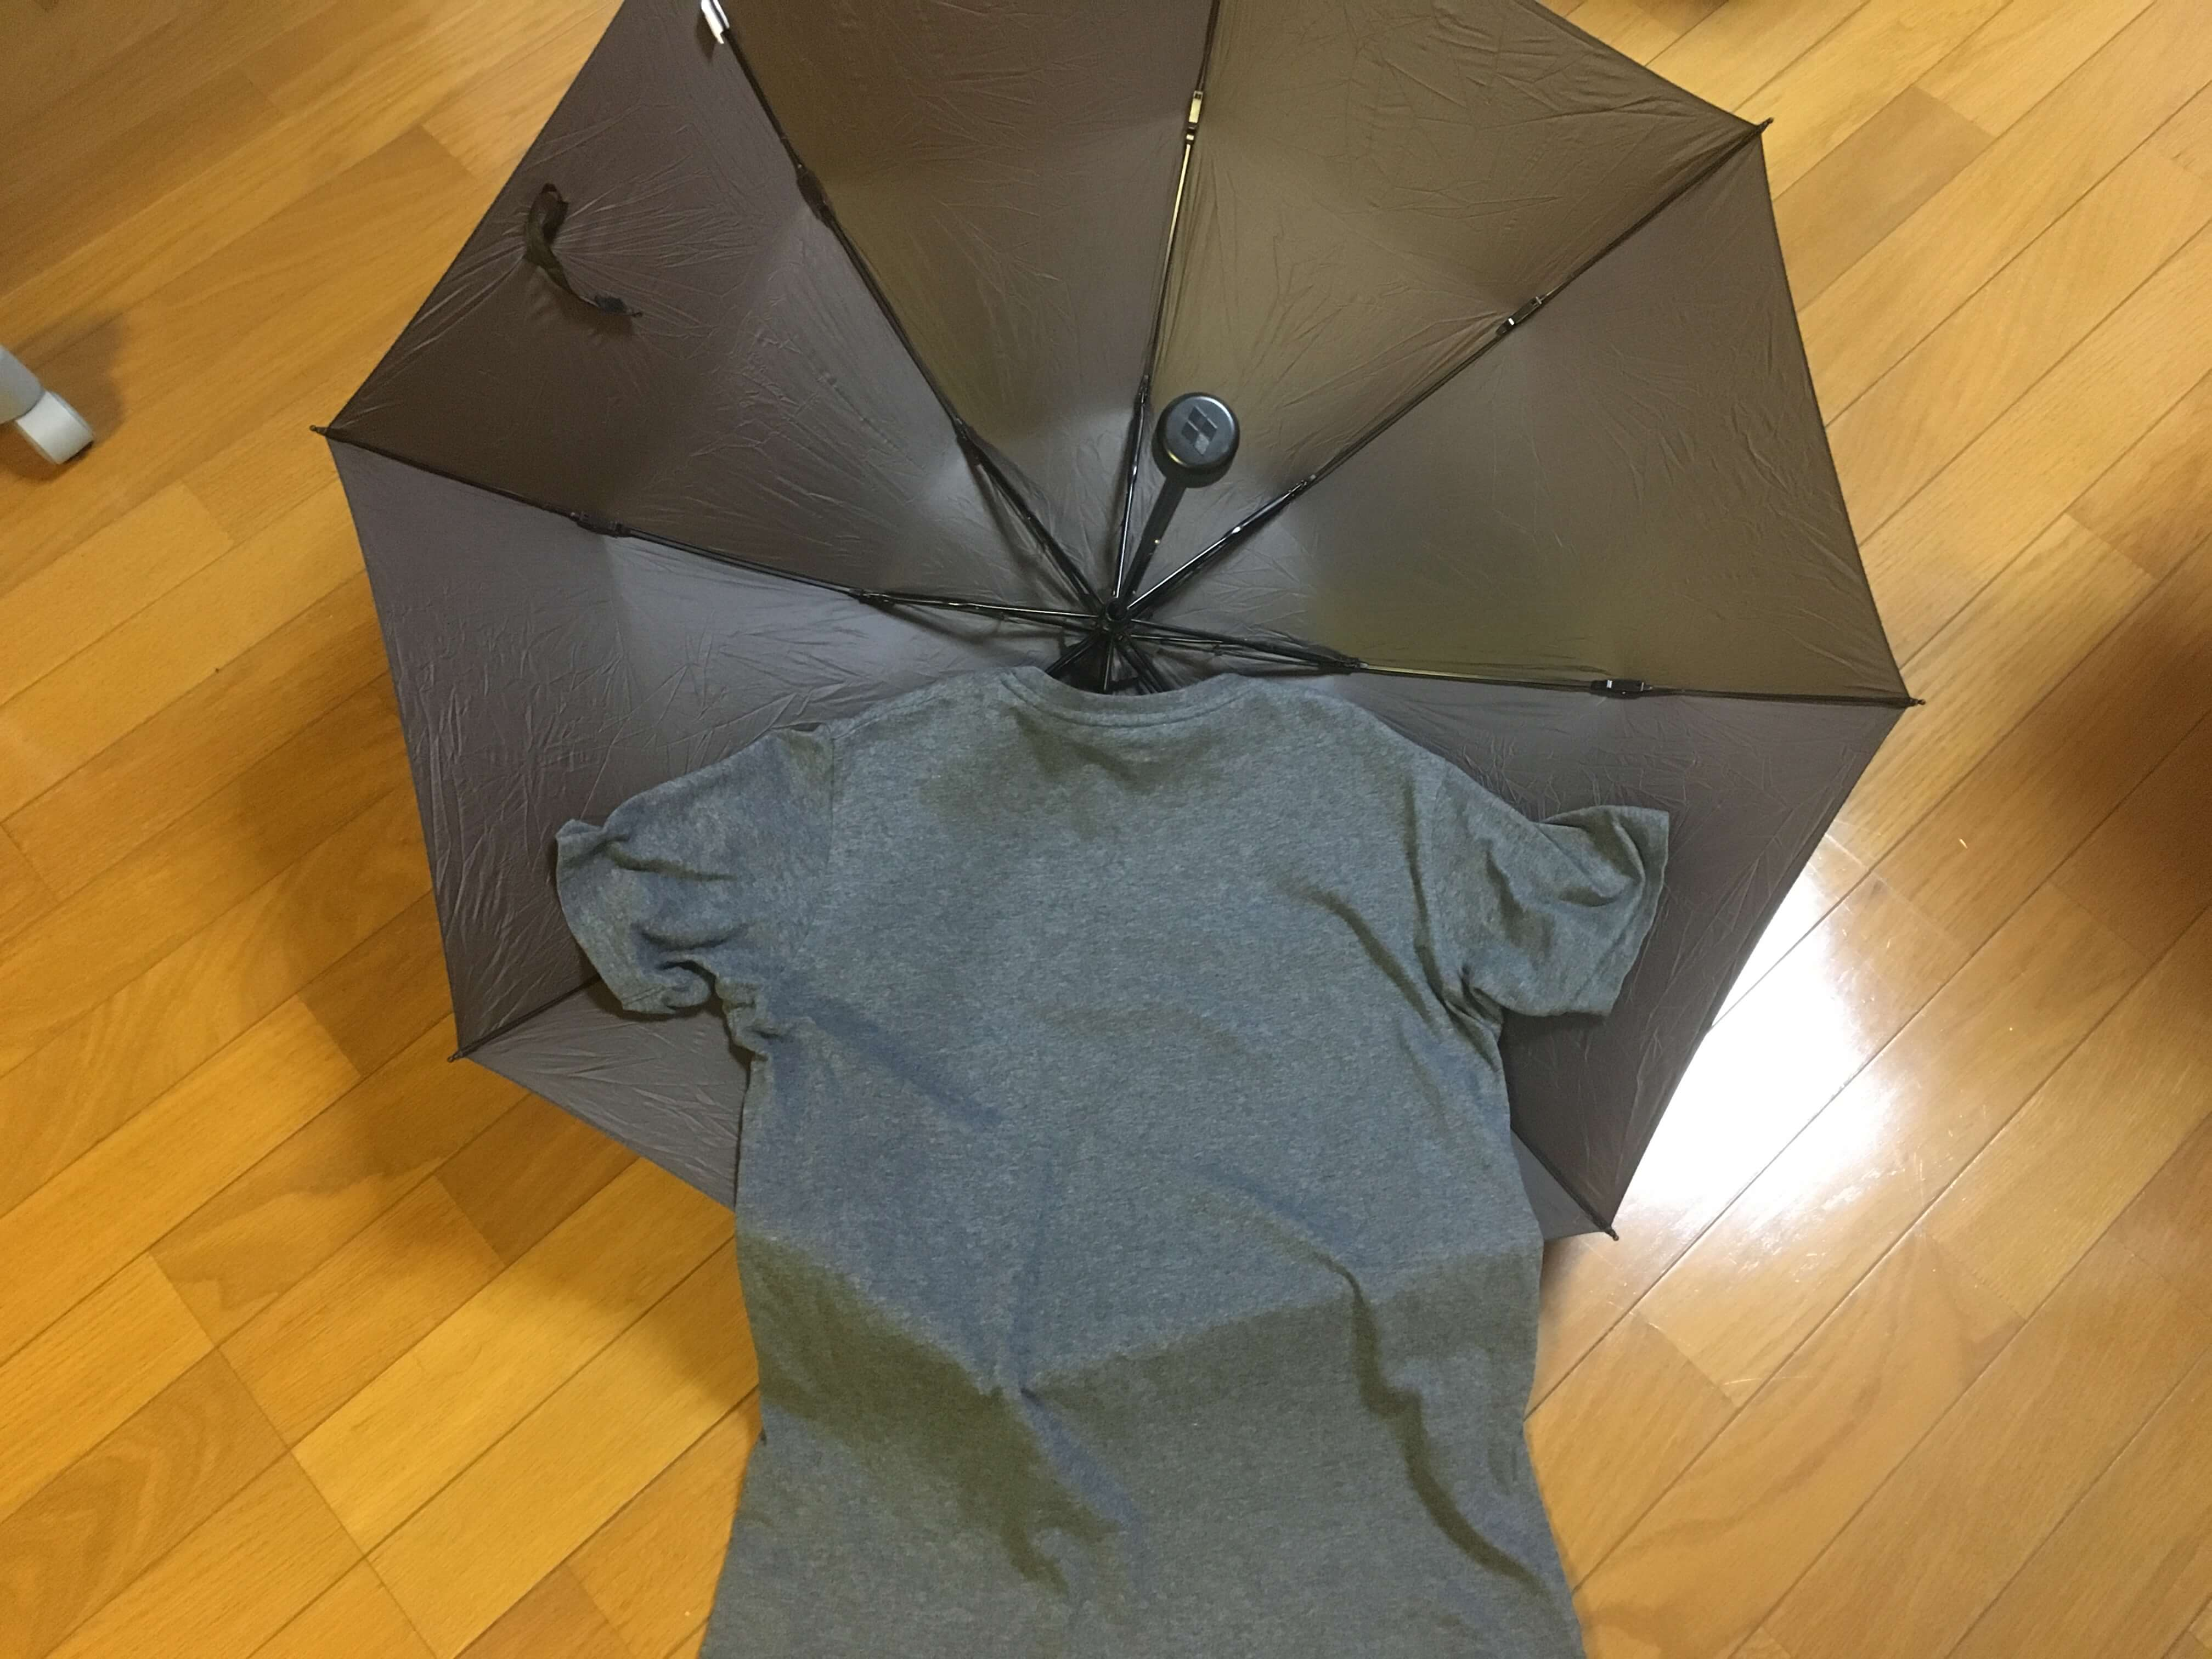 軽量のトレッキング用傘、モンベルU.L.トレッキングアンブレラの開いた時の大きさ